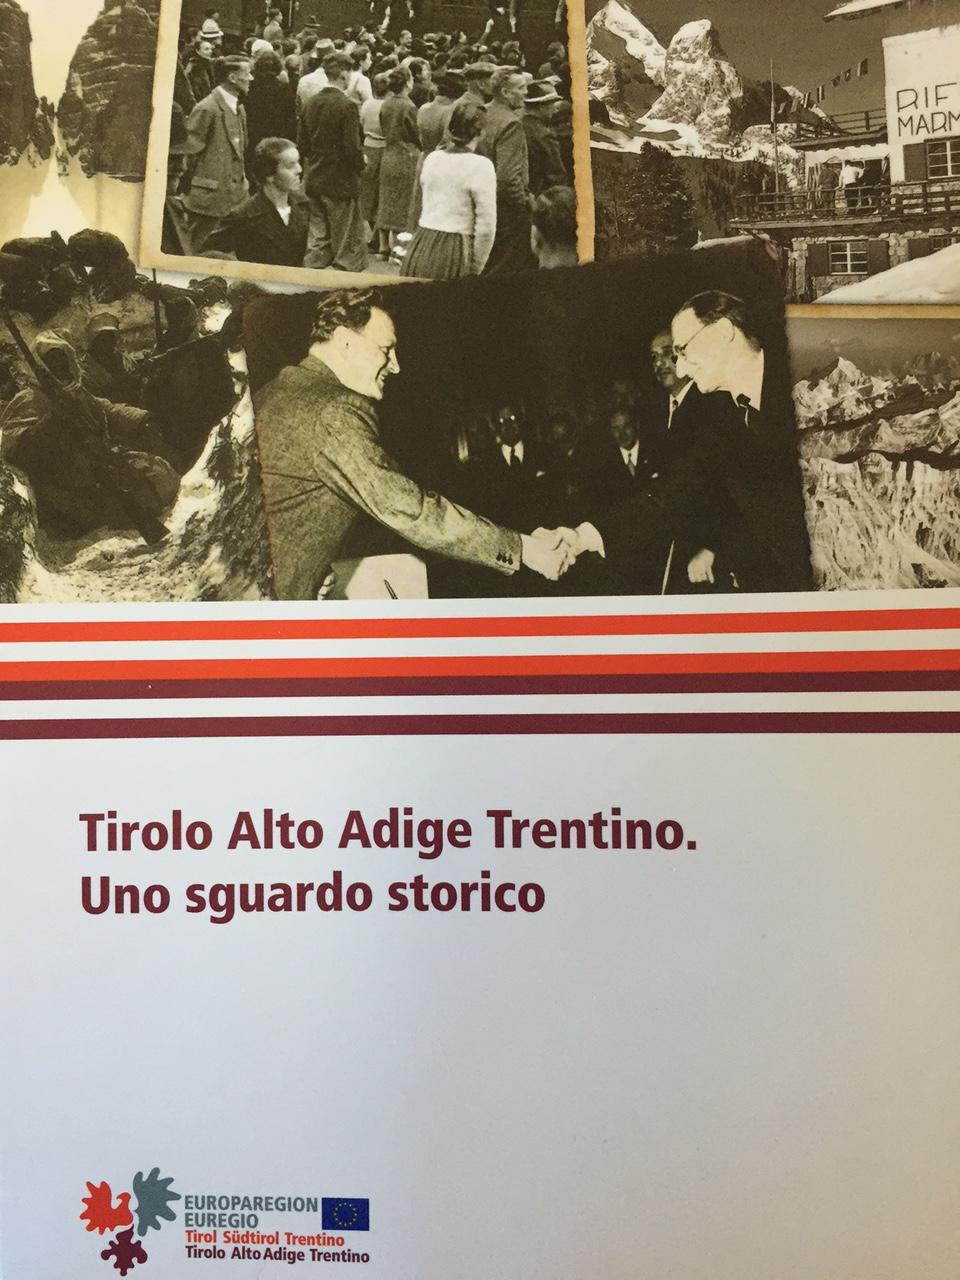 You are currently viewing Interrogazione scritta: Chiarimenti in merito alla pubblicazione «Tirolo Alto Adige Trentino. Uno sguardo storico»